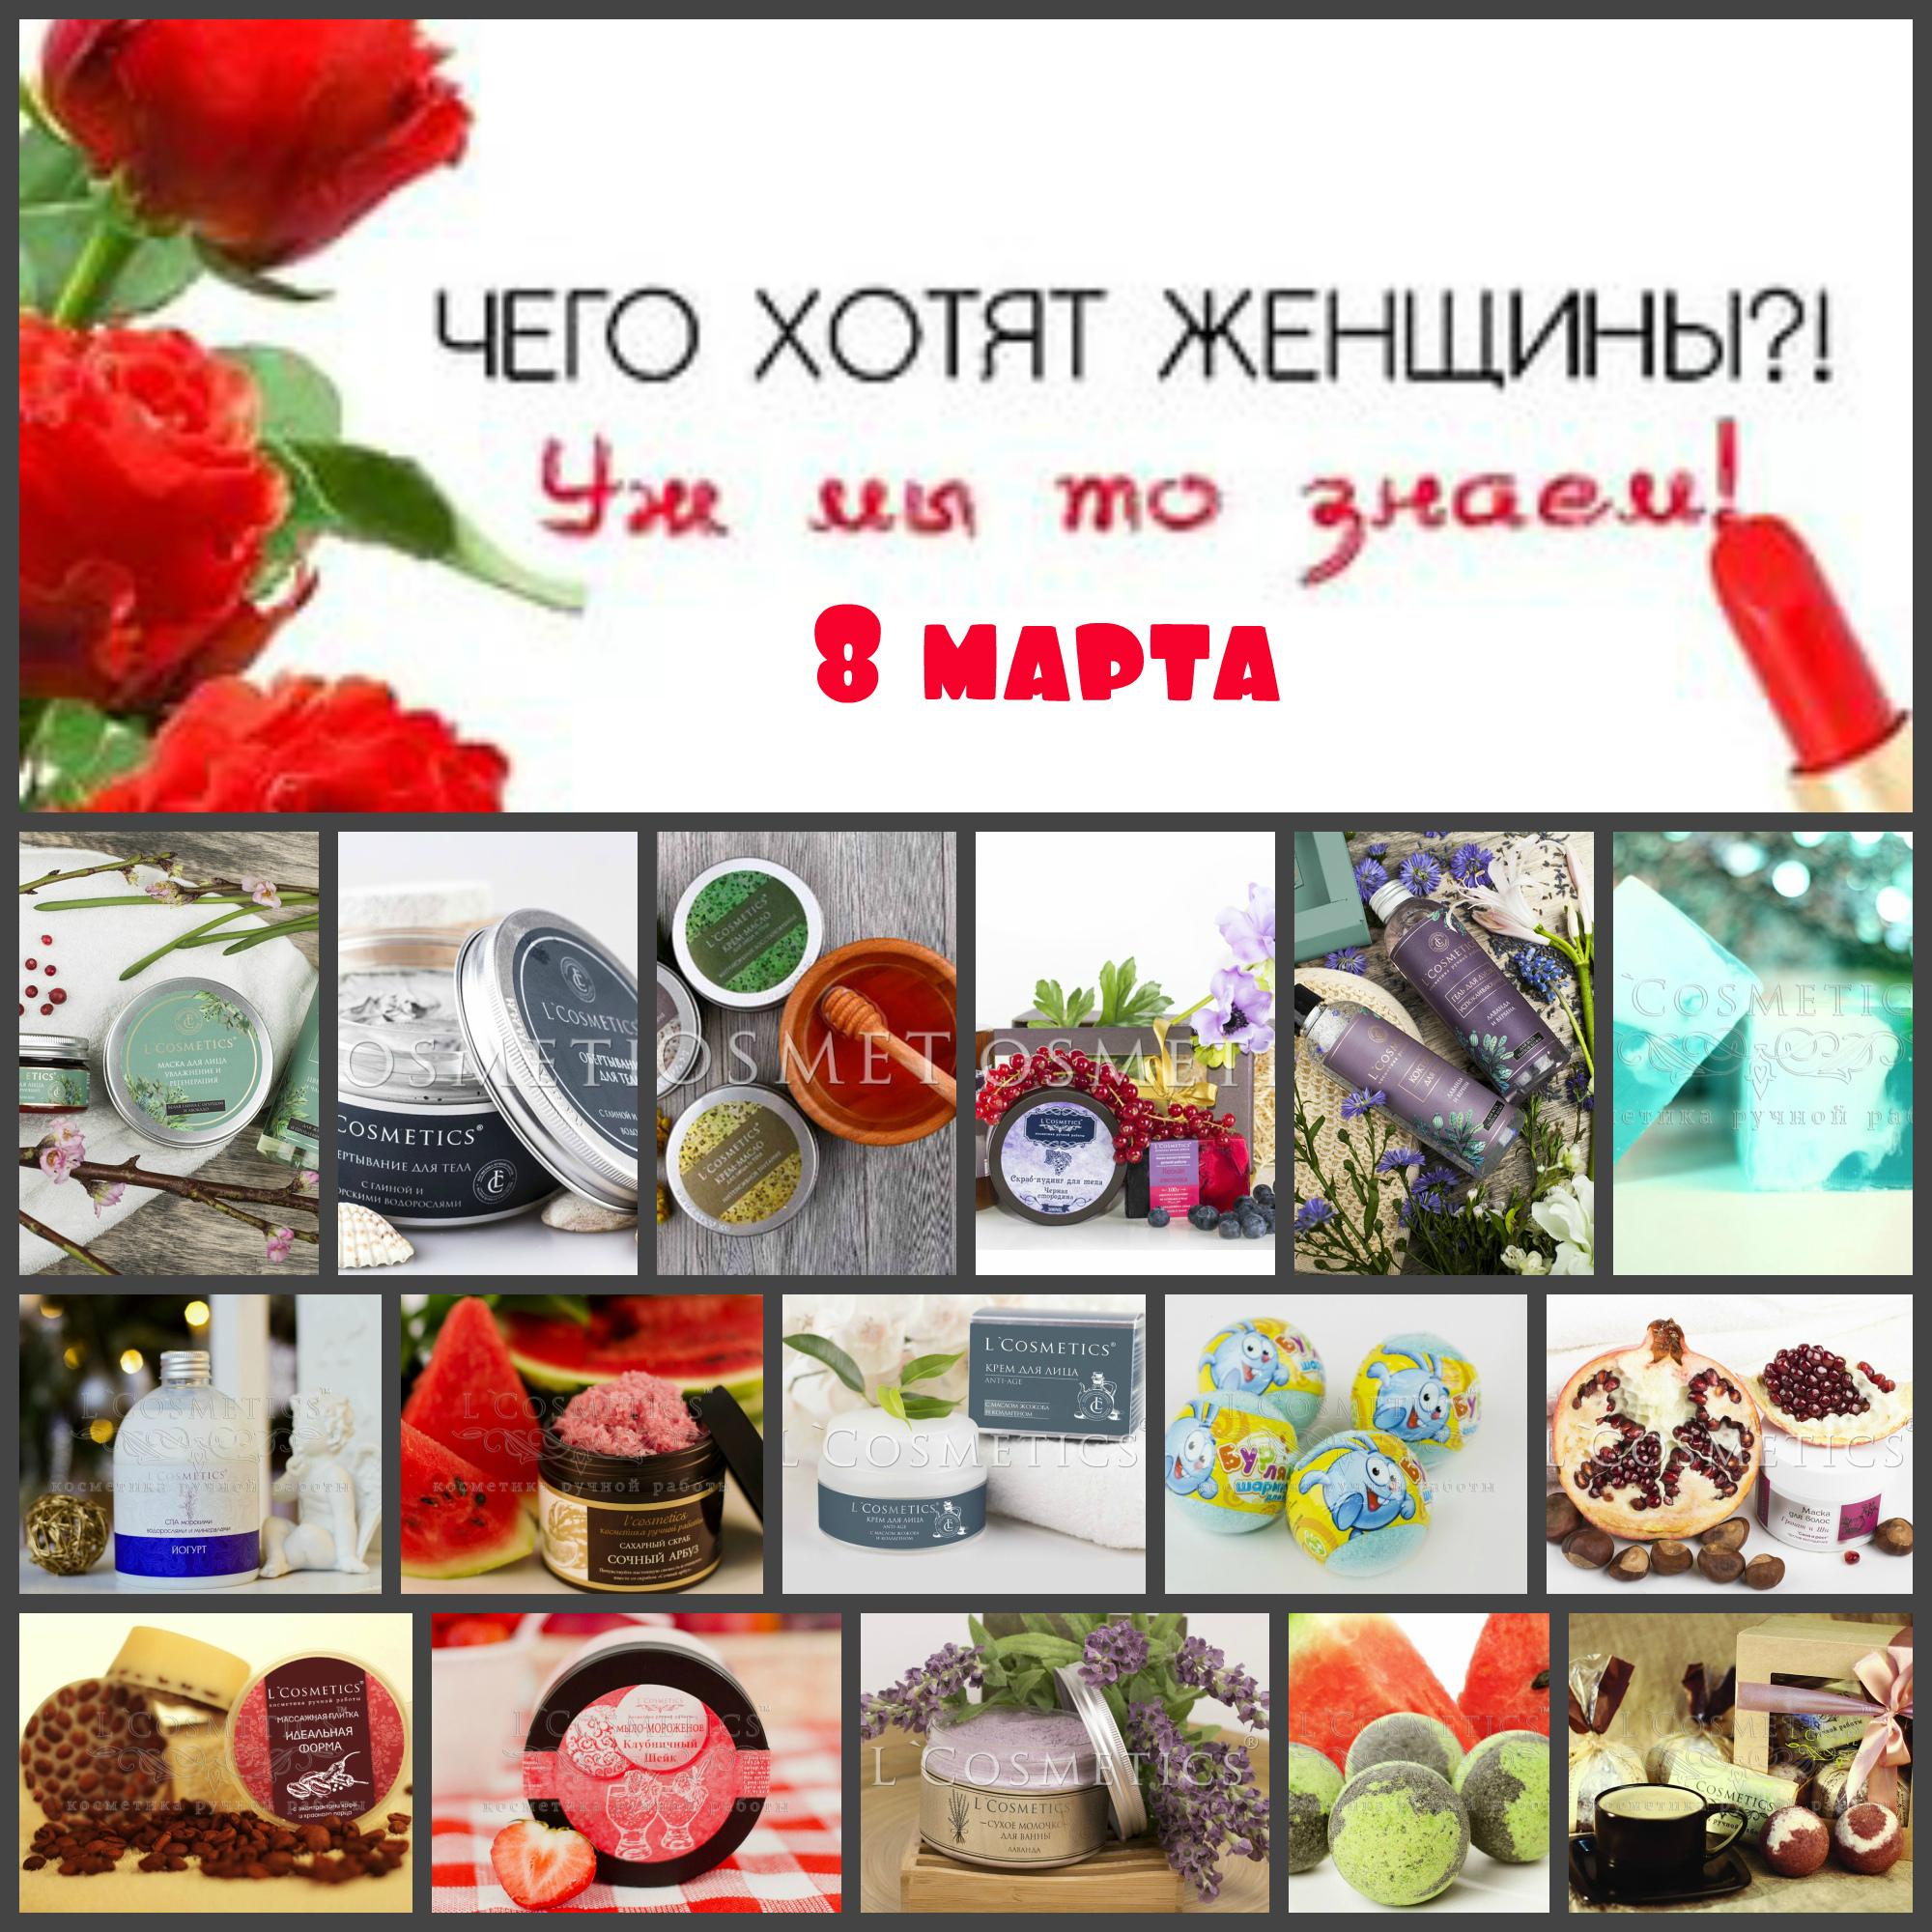 К 8 марта! Вкуснятина для нашего тела - подарочные наборы, бурлящие шарики и молочко для ванны, скрабы, мыло ручной работы, шампуньки, маски, гели и многое другое. Новинки. Подарки нашим любимым!